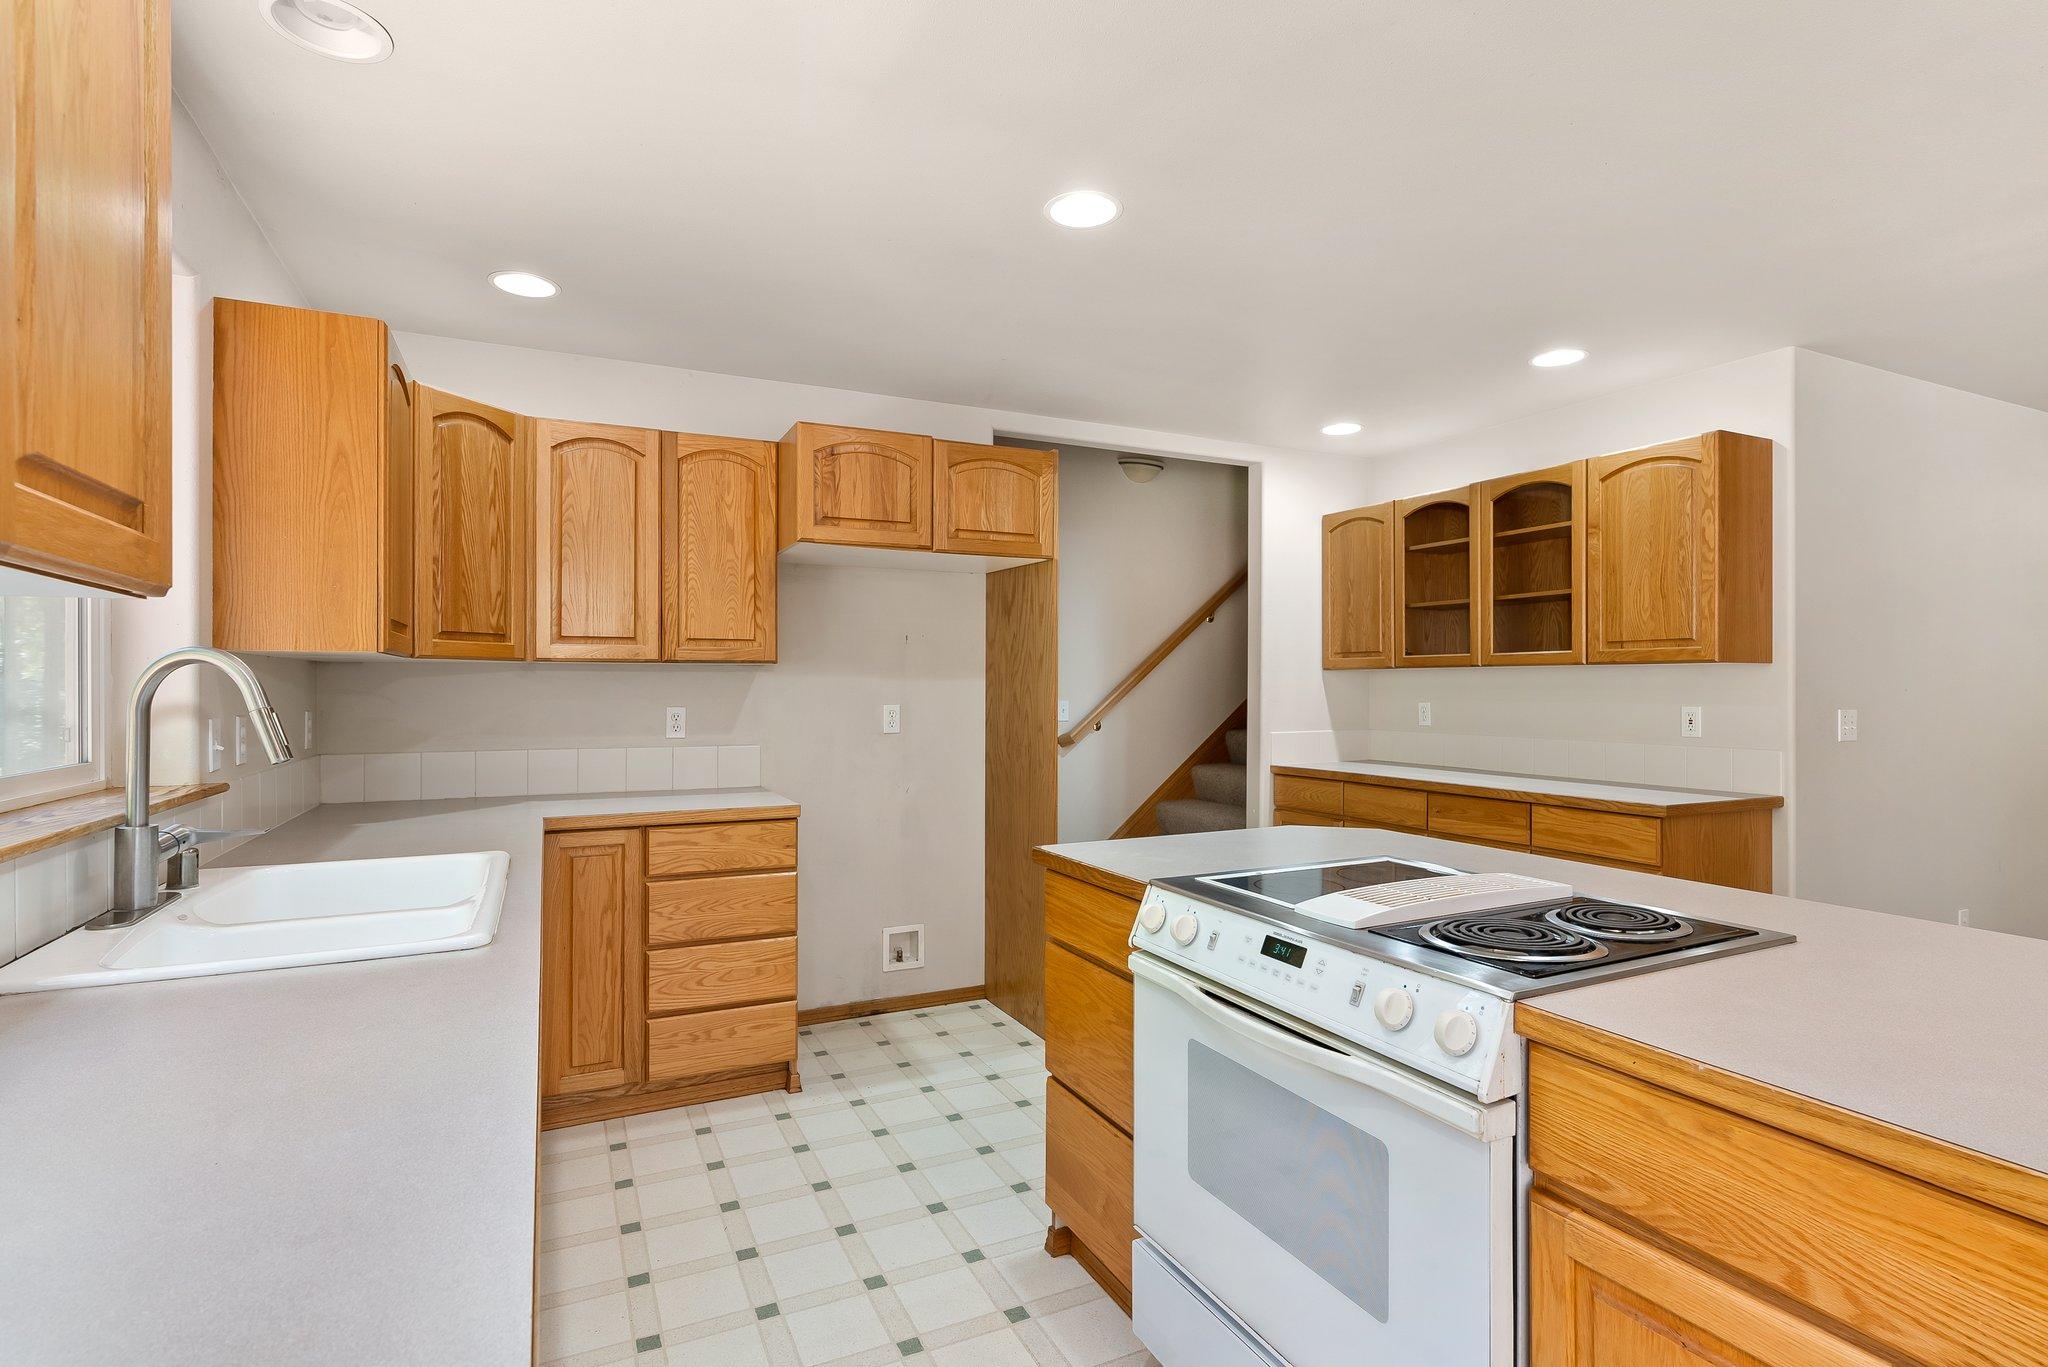 7900 Woods Estate Ln NE, Olympia, WA 98506, USA Photo 15